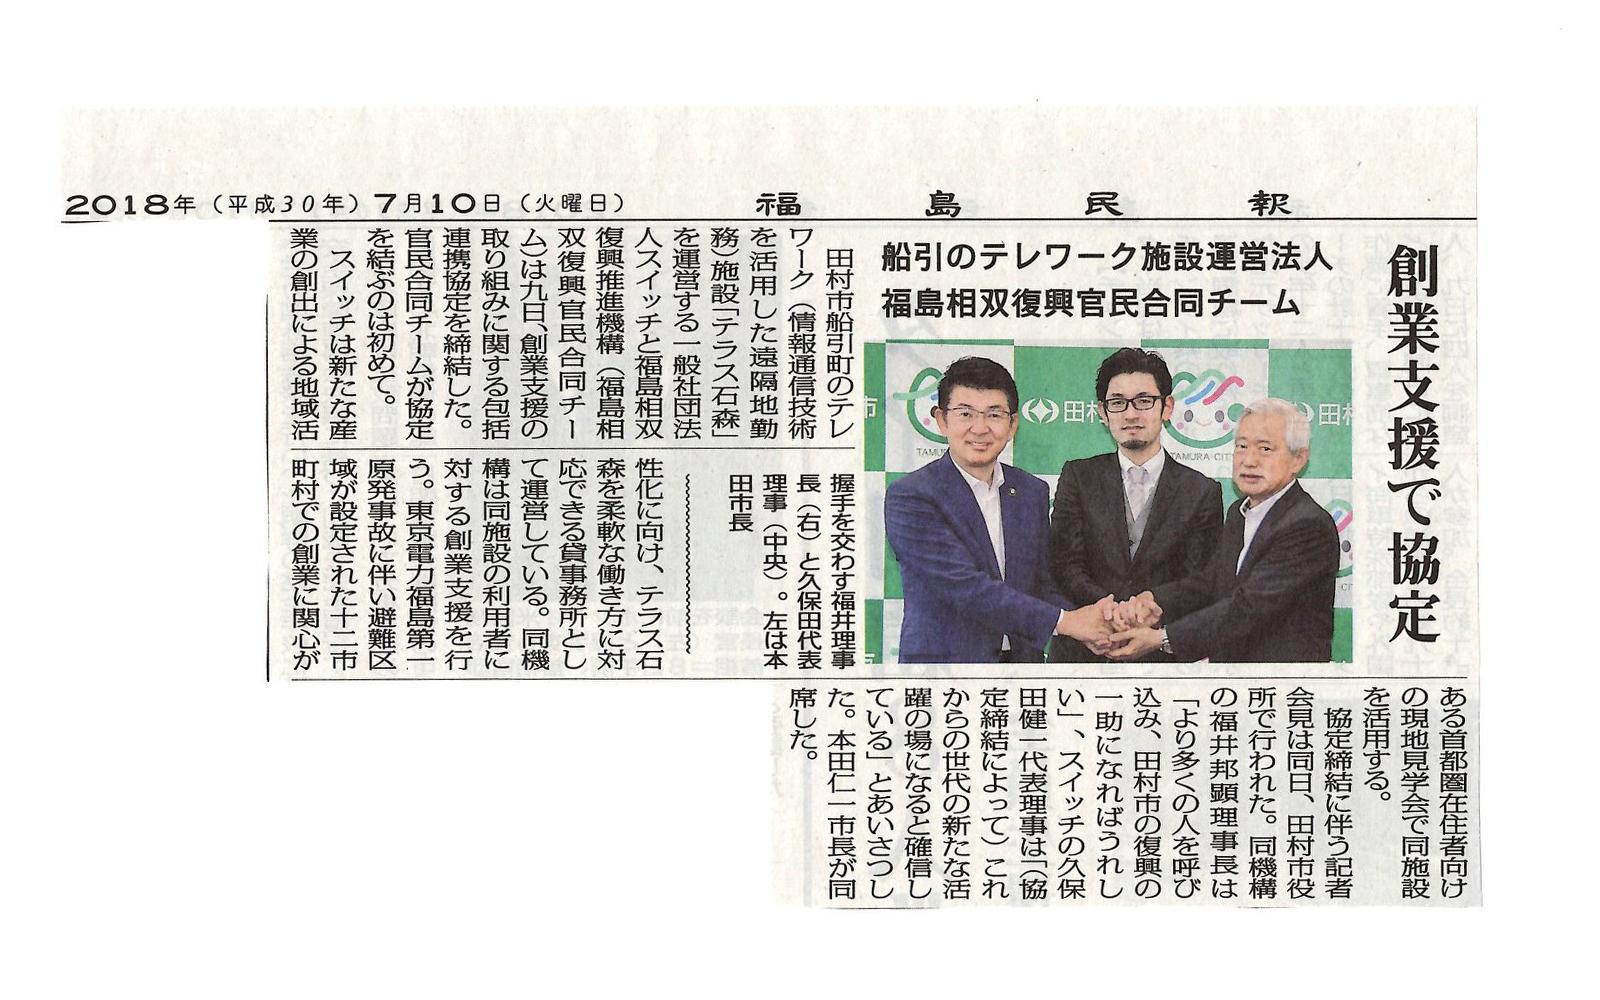 包括連携協定締結の福島民報新聞記事